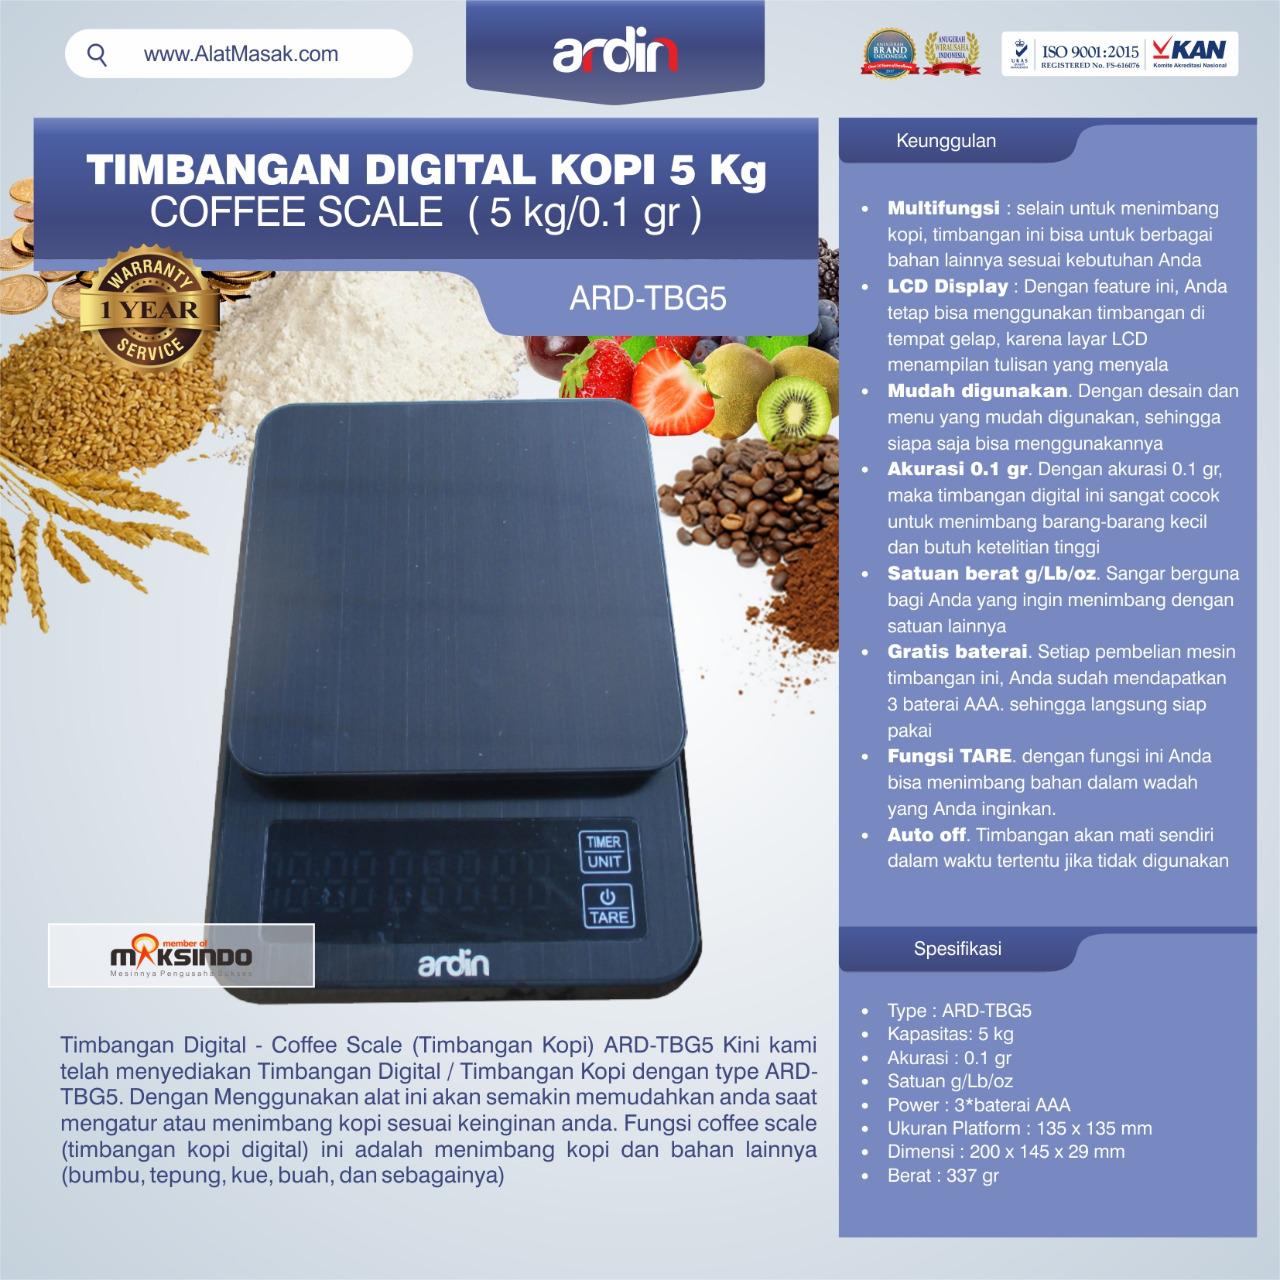 Jual Timbangan Digital Kopi 5 kg ARD-TBG5 (coffee scale) di Bandung